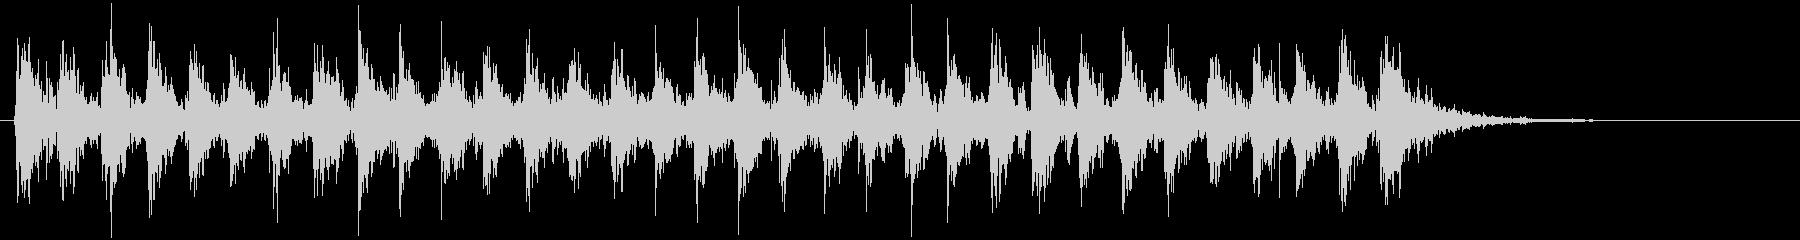 Xmasに最適トナカイベルのループ音09の未再生の波形